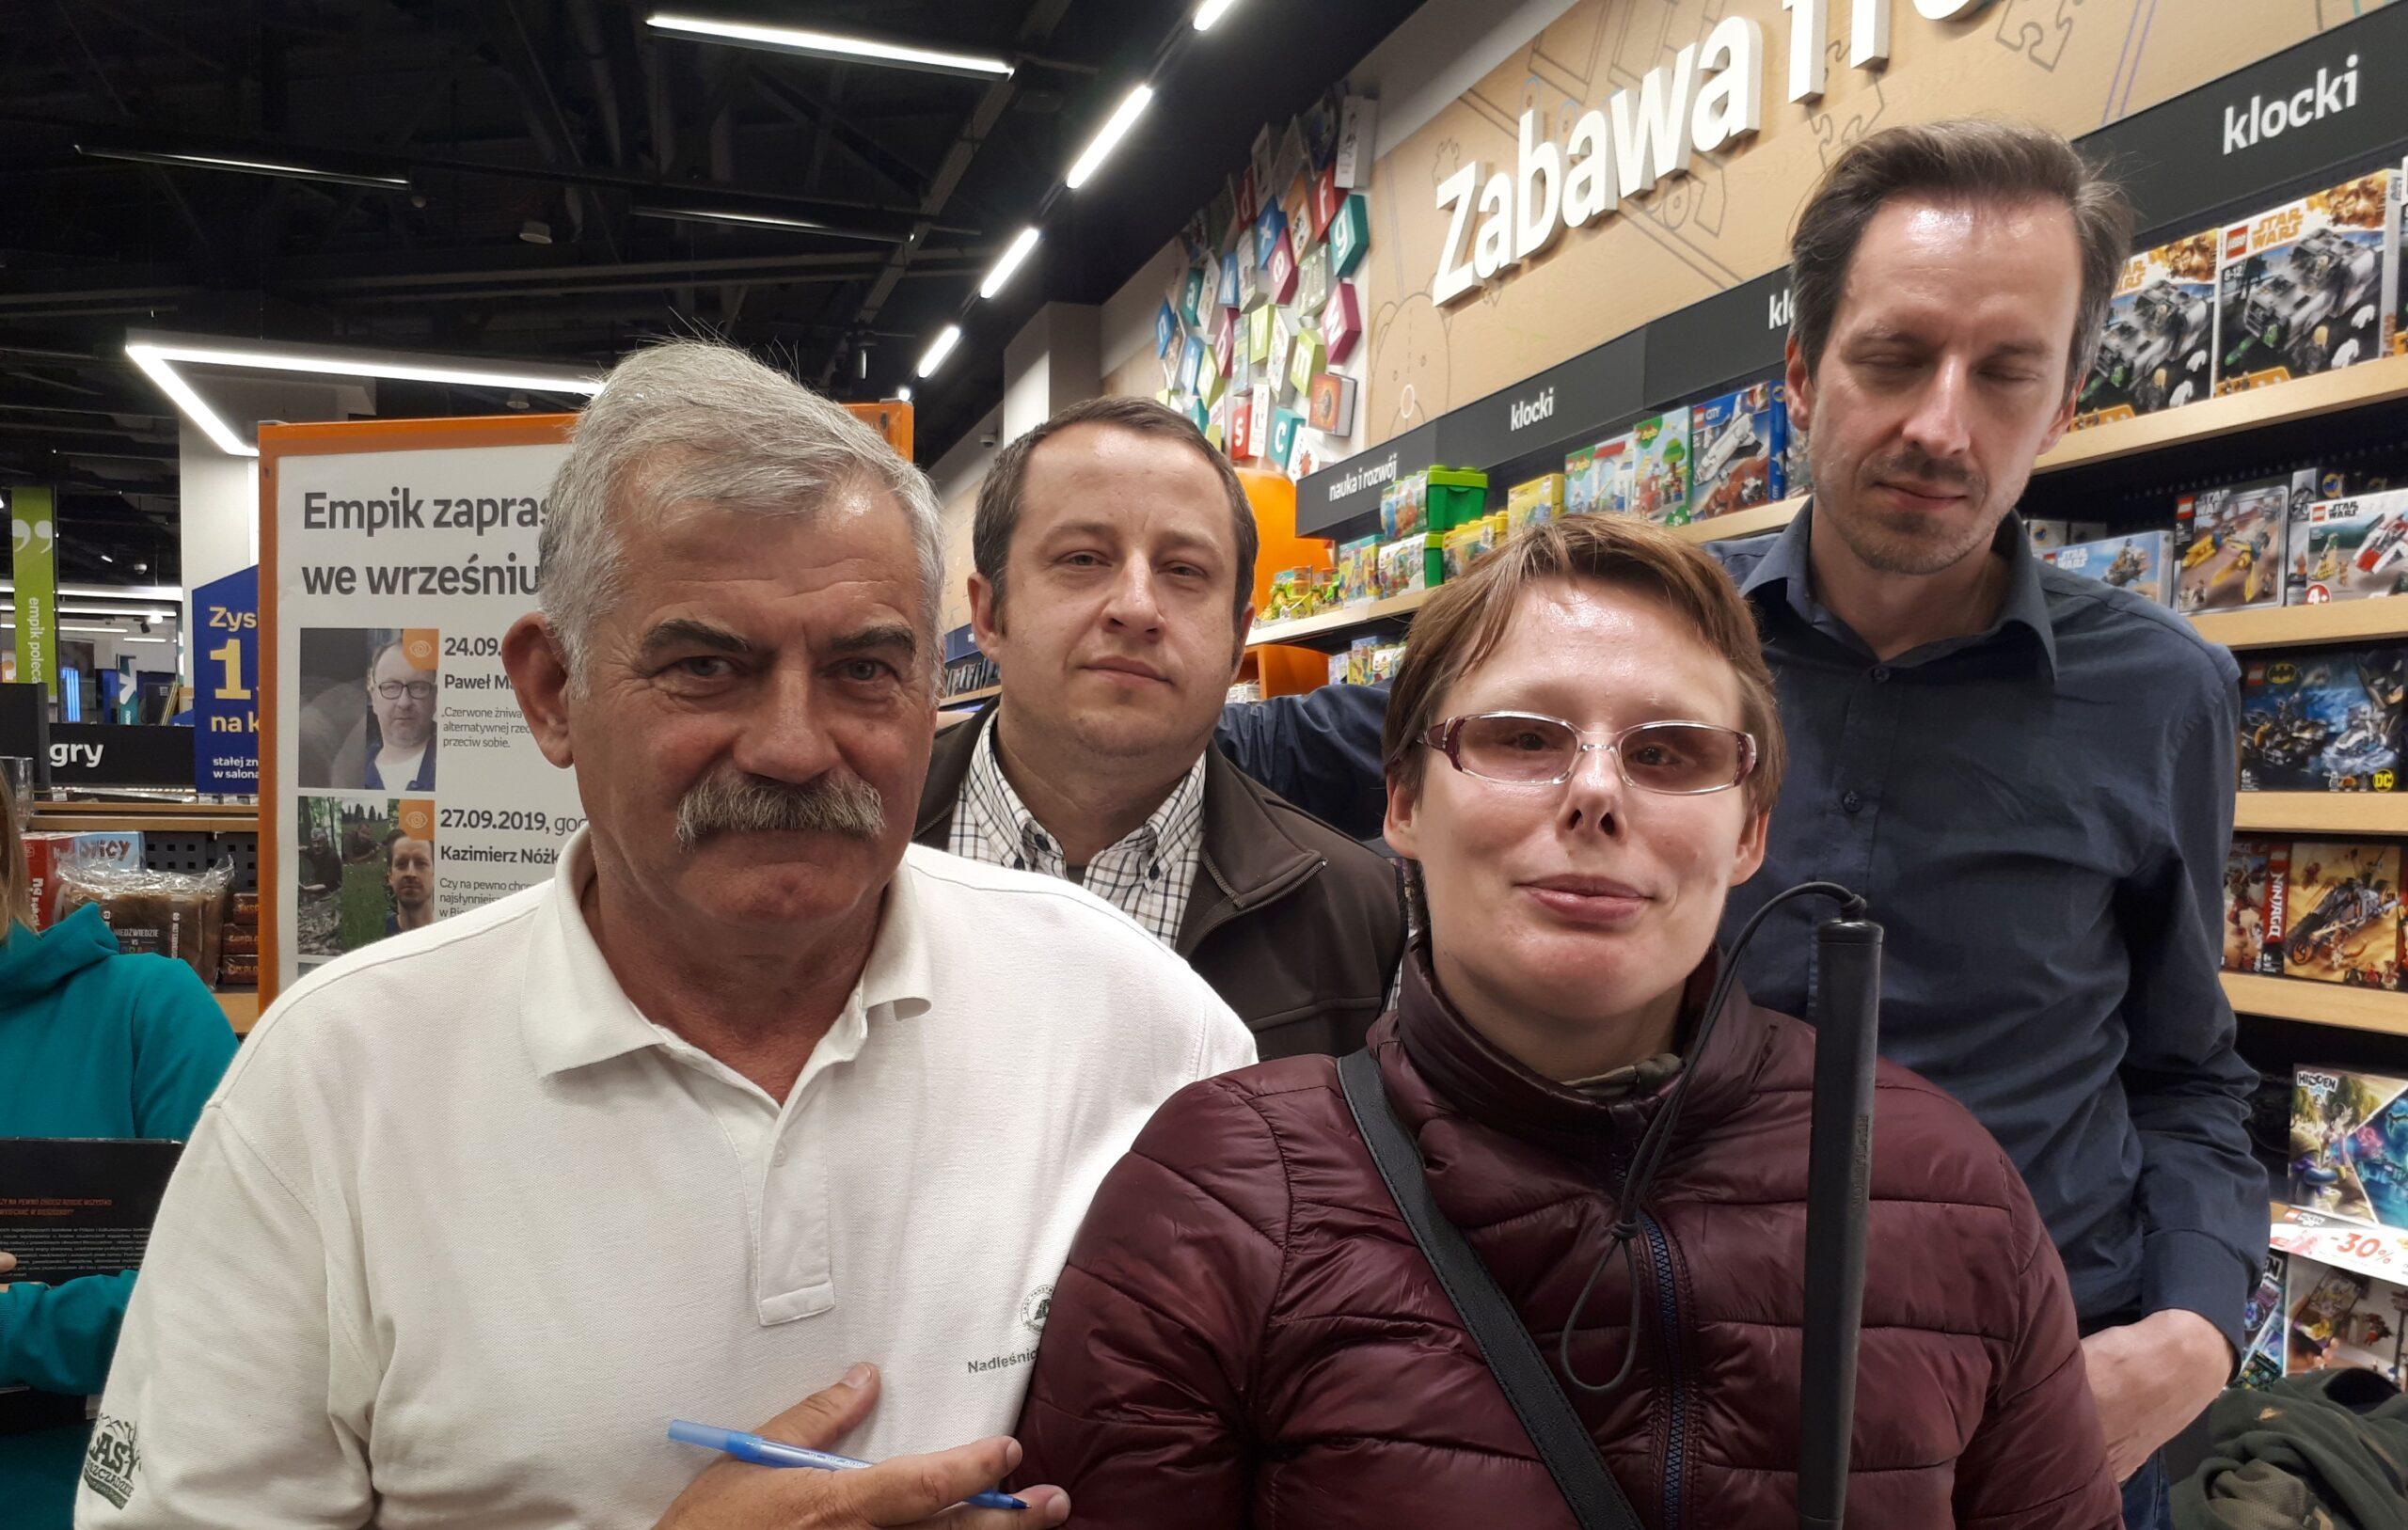 Na zdjęciu Stasia z Kazimierzem Nóżką, Marcinem Sceliną i Maciejem Kozłowskim